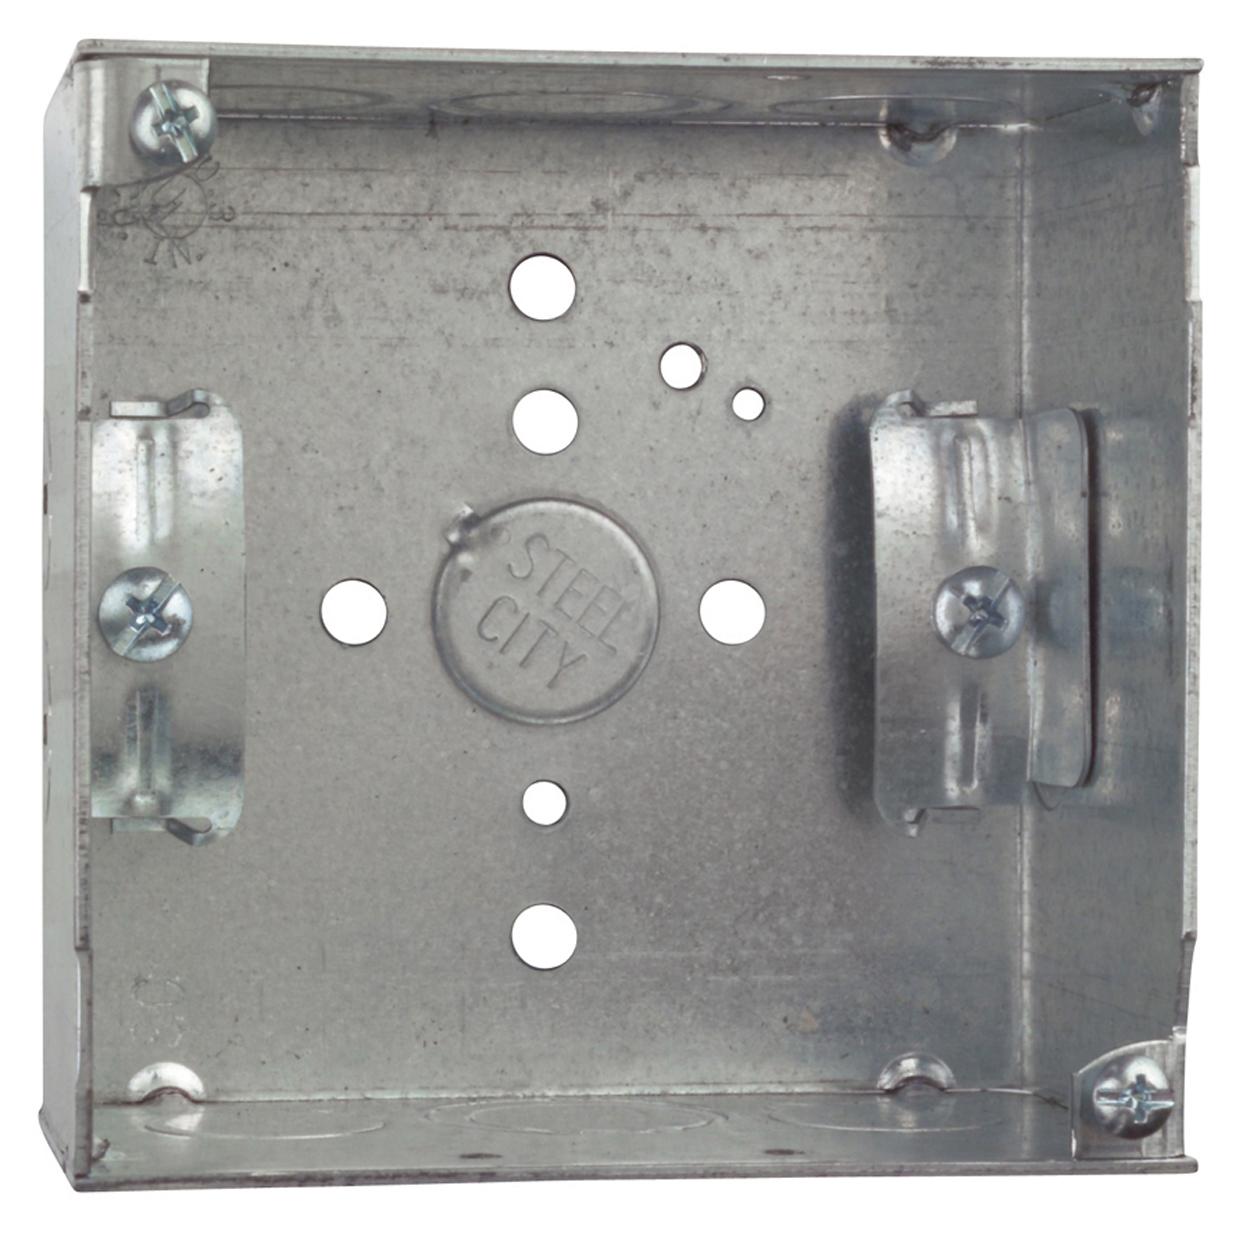 T&B 52171-N STEEL ELECT. BOX